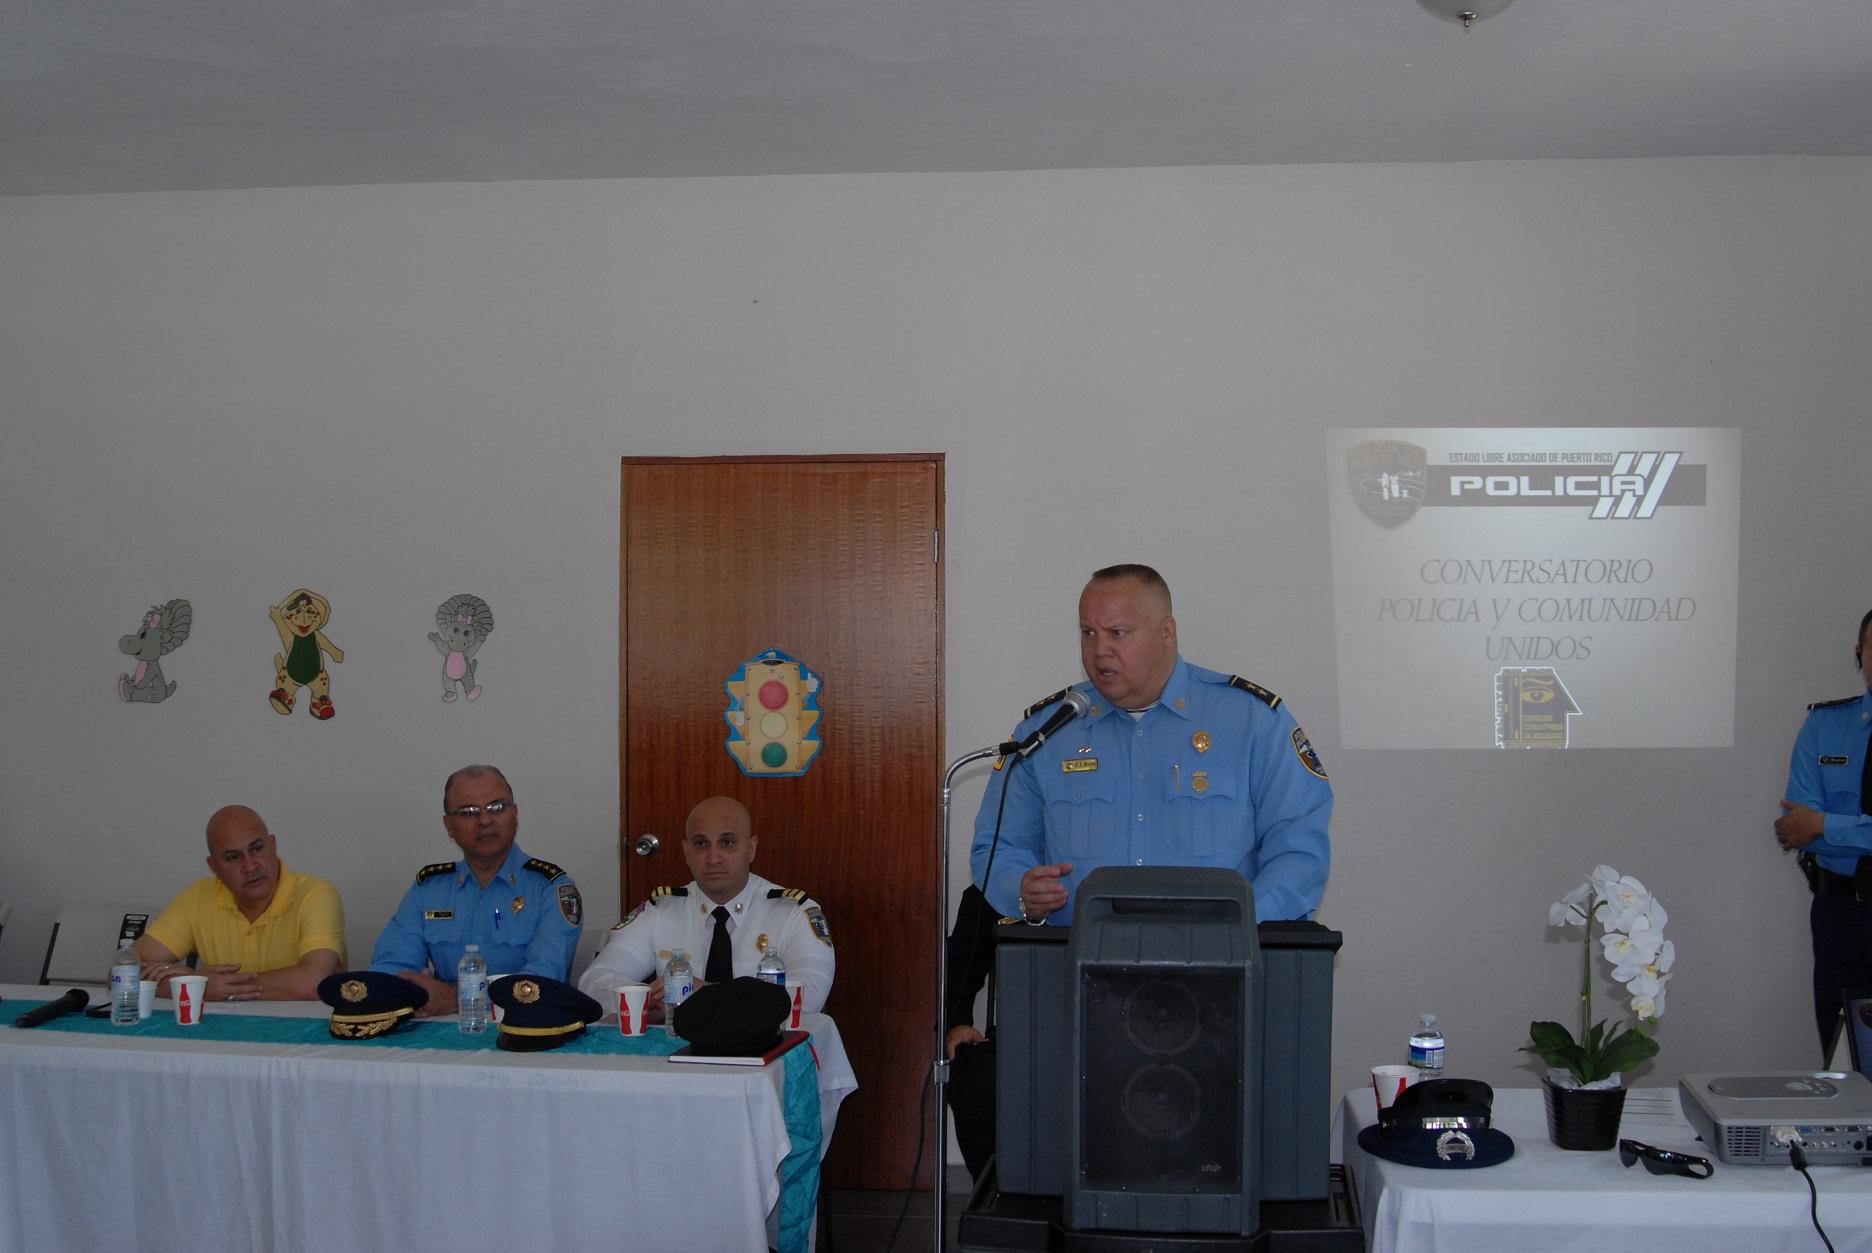 Policía busca con comunidad de Guayama solución de problemas